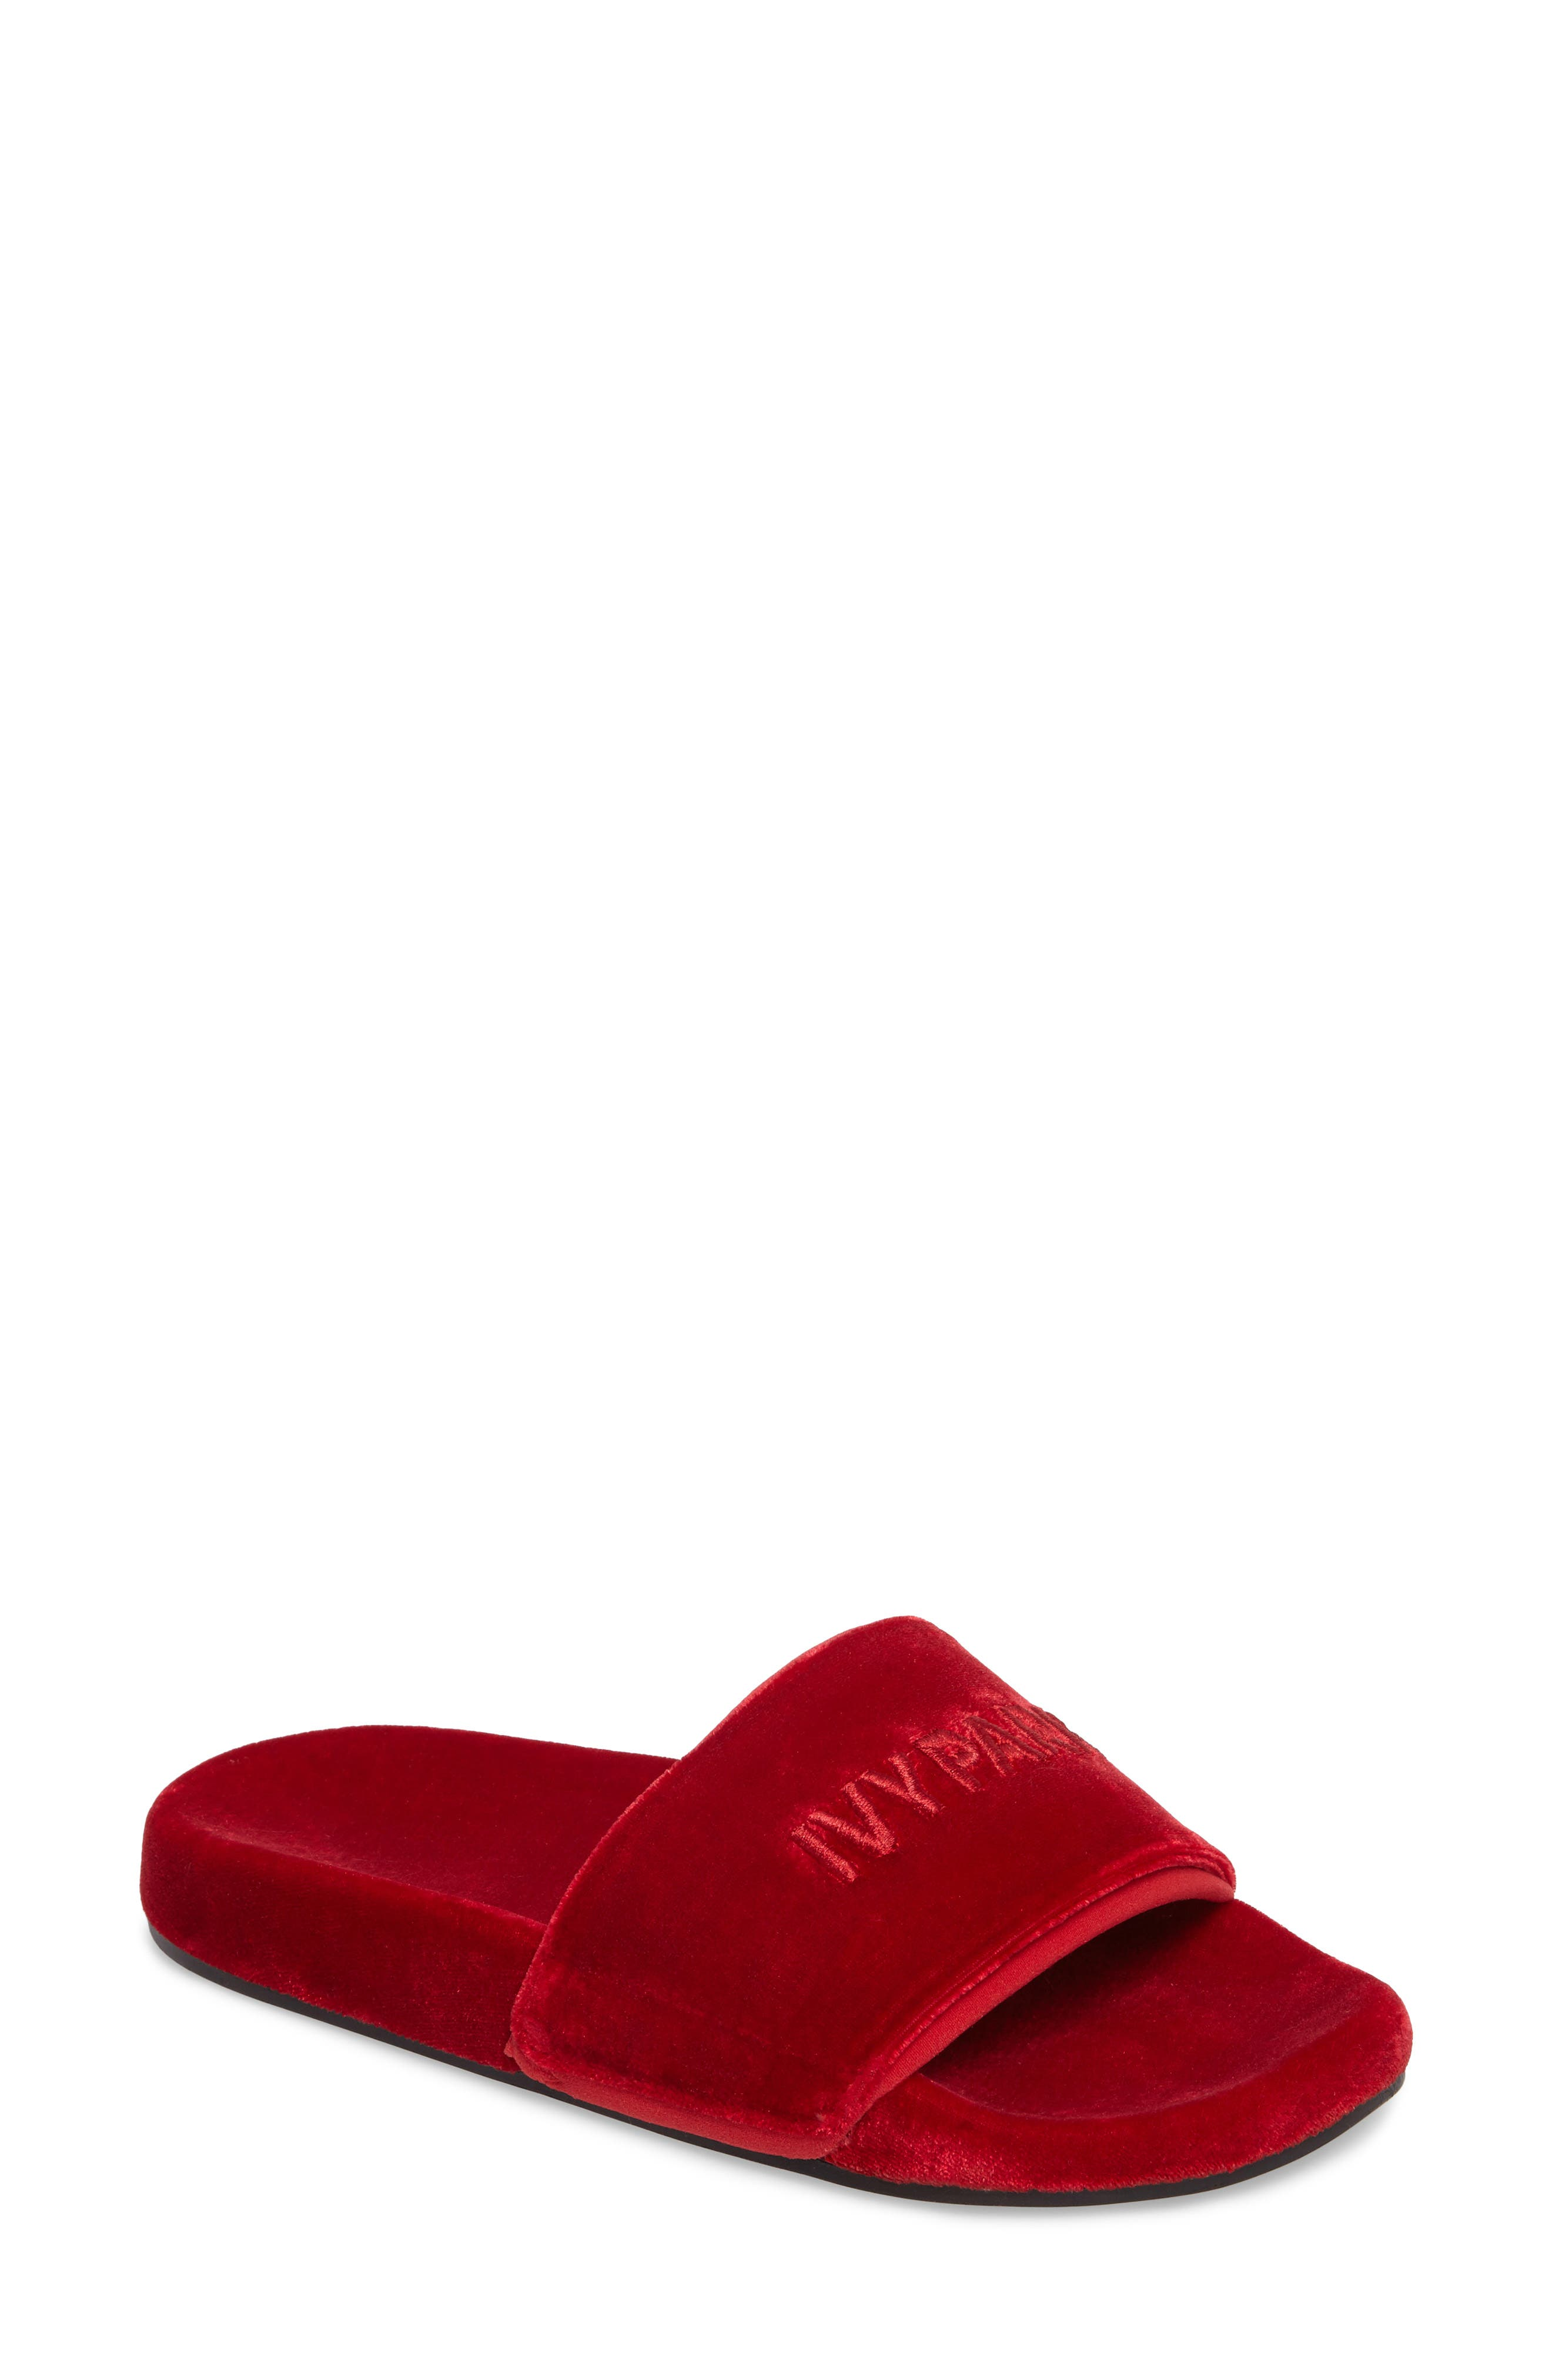 Main Image - IVY PARK® Velvet Embossed Slide Sandal (Women)